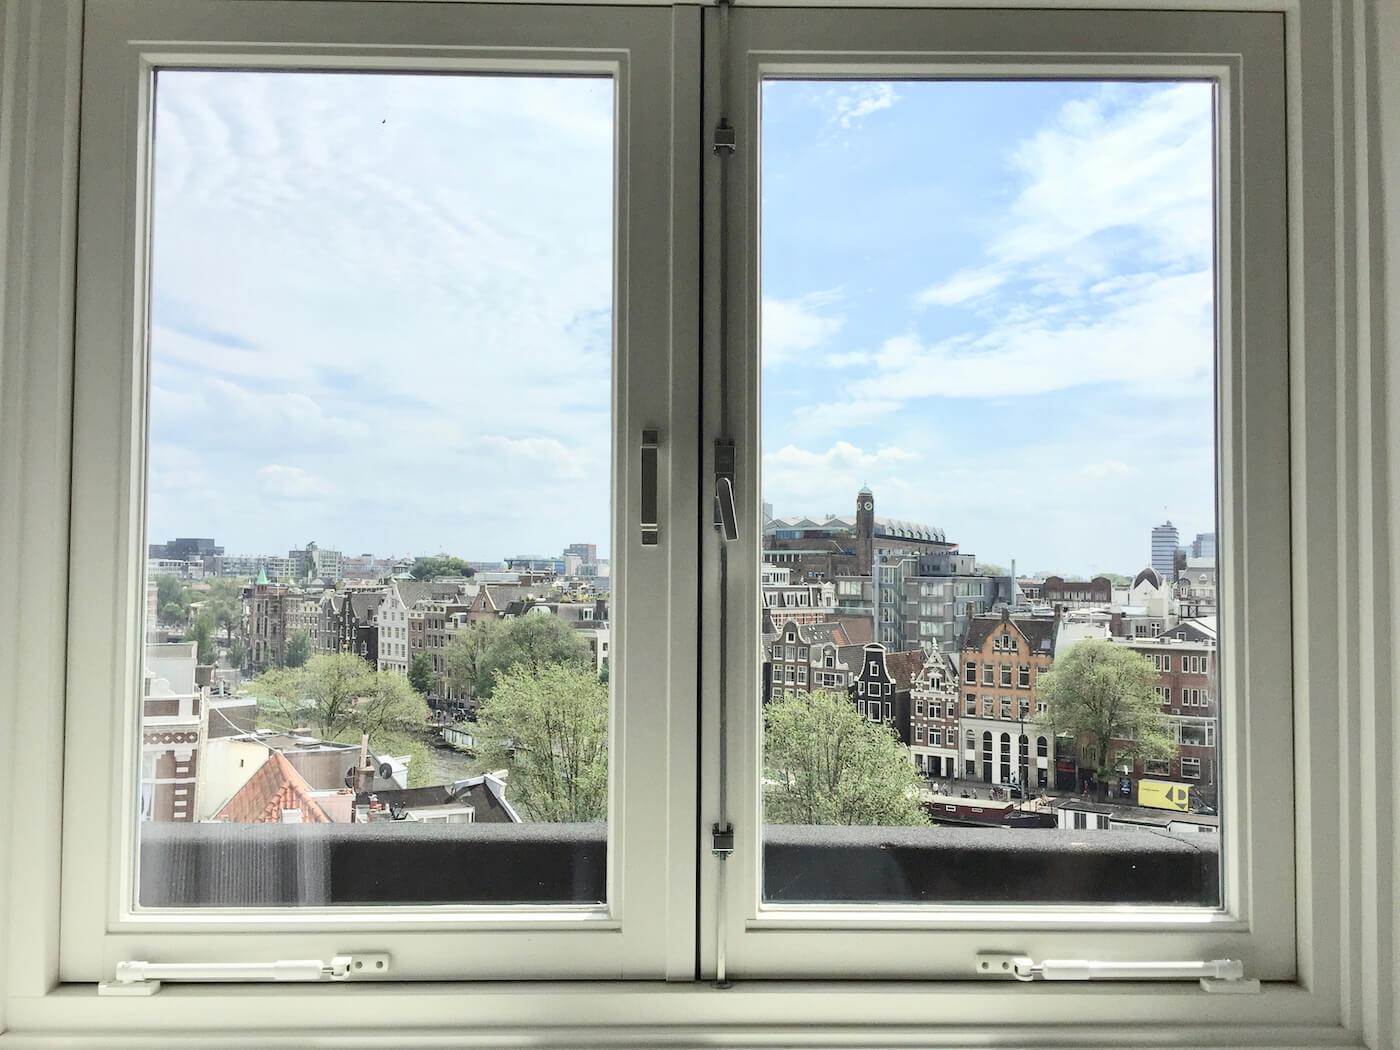 Doelen Superior Room View